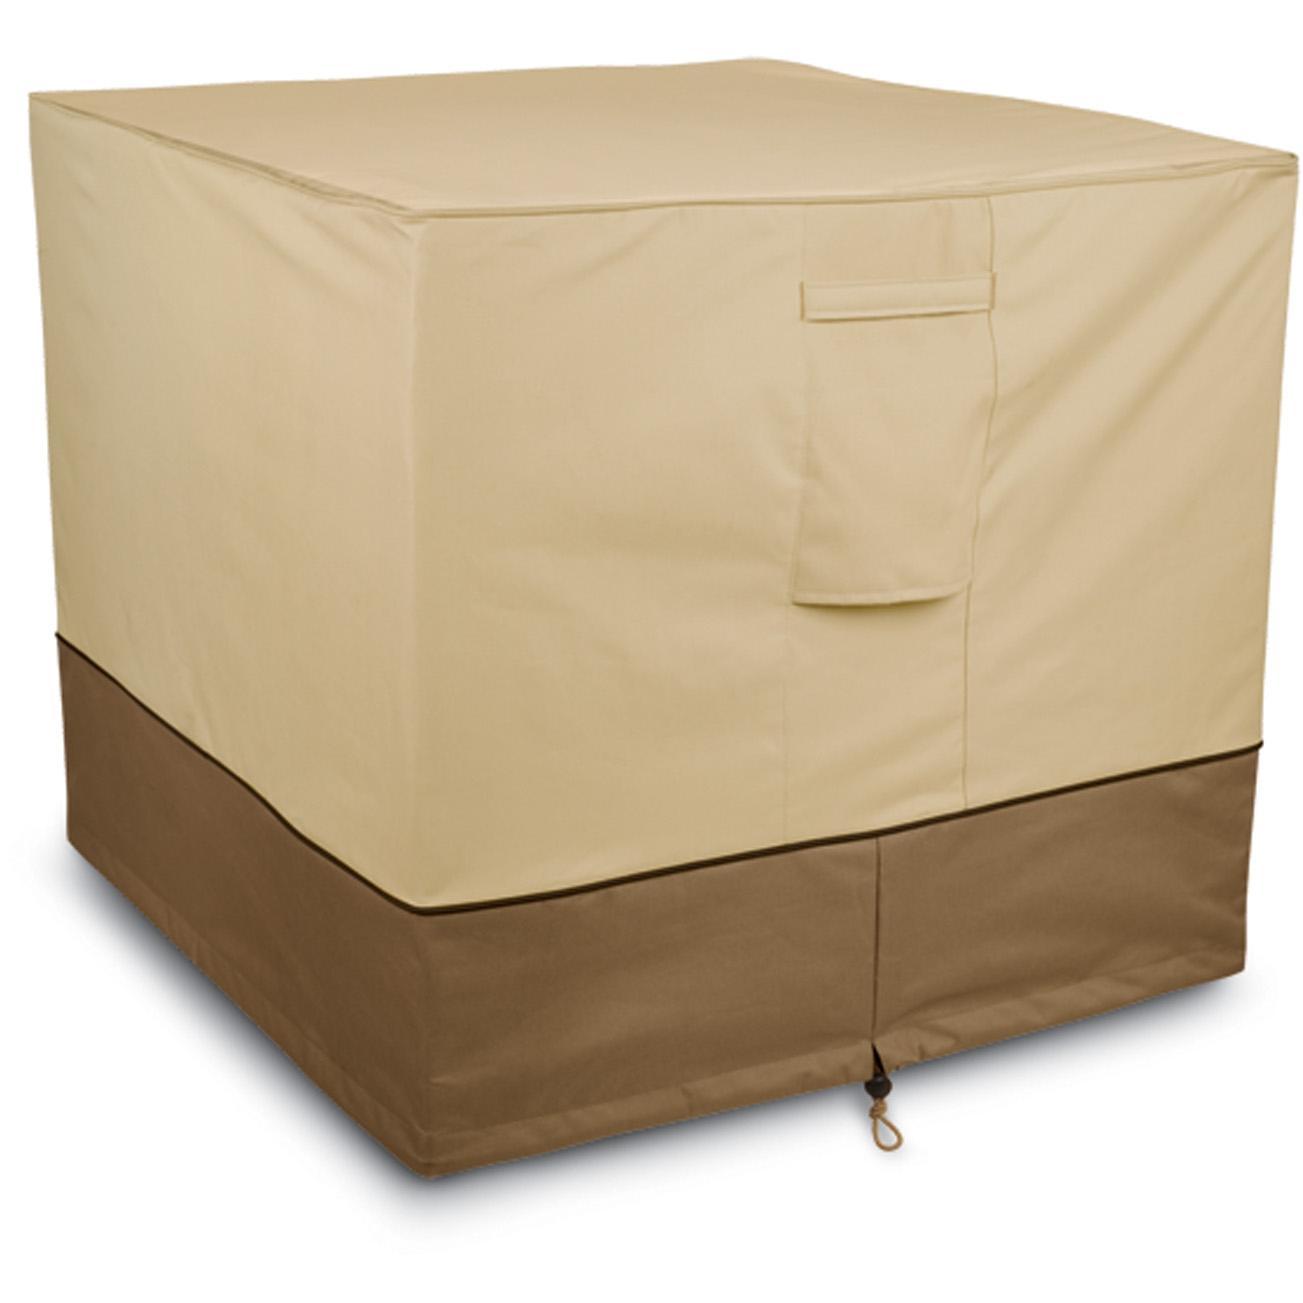 Classic Accessories Veranda Air Conditioner Cover - Pebble/Barn/Earth - Square 2826026